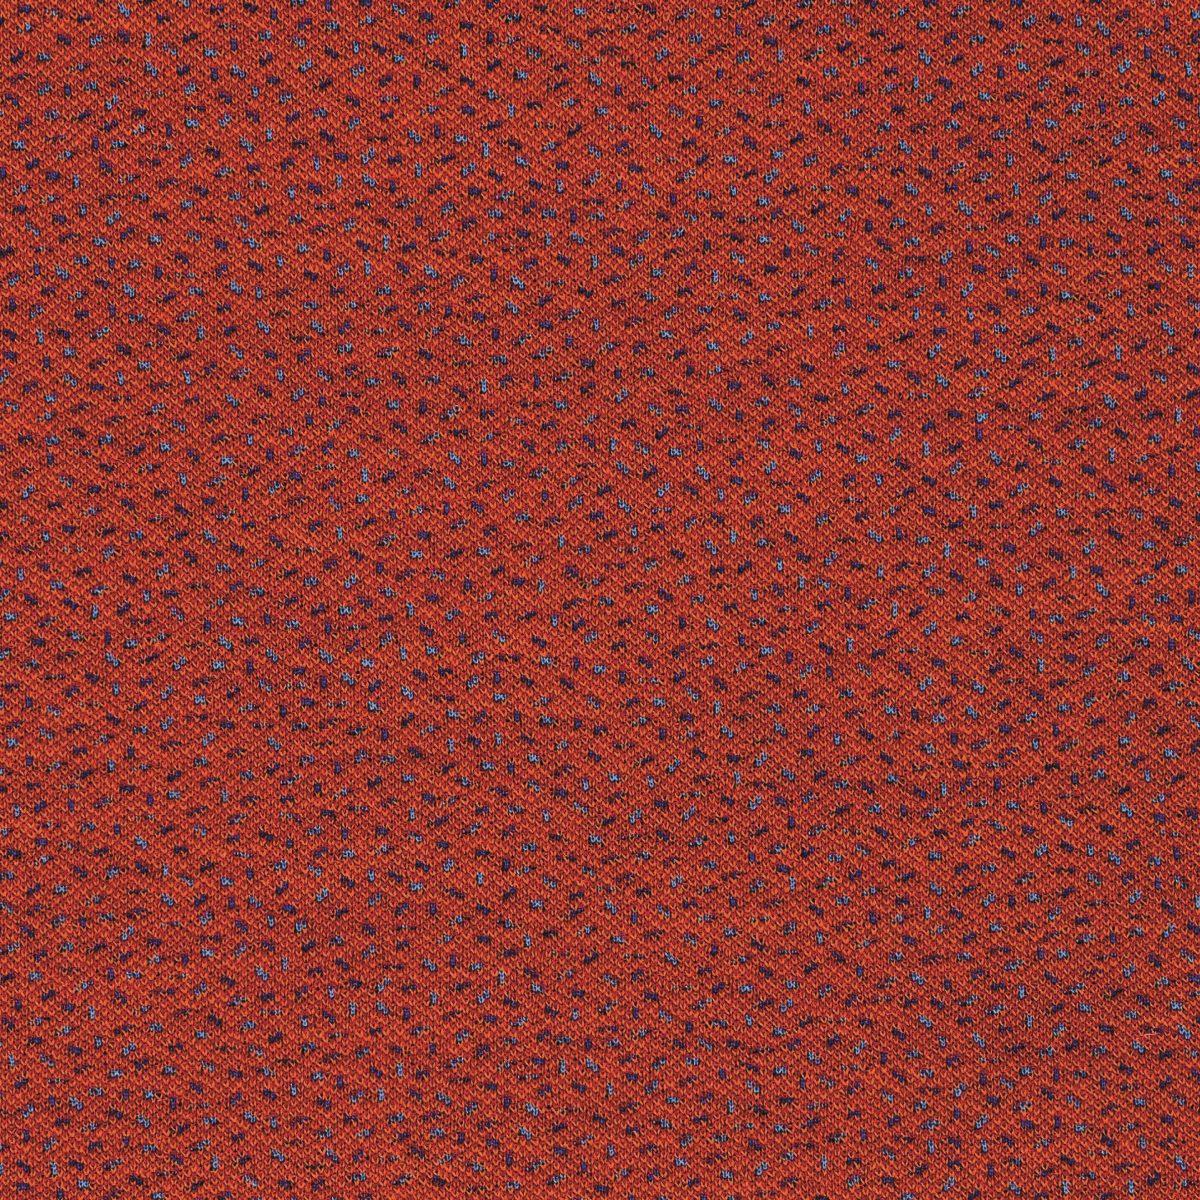 13o632_sprinkles_rosella